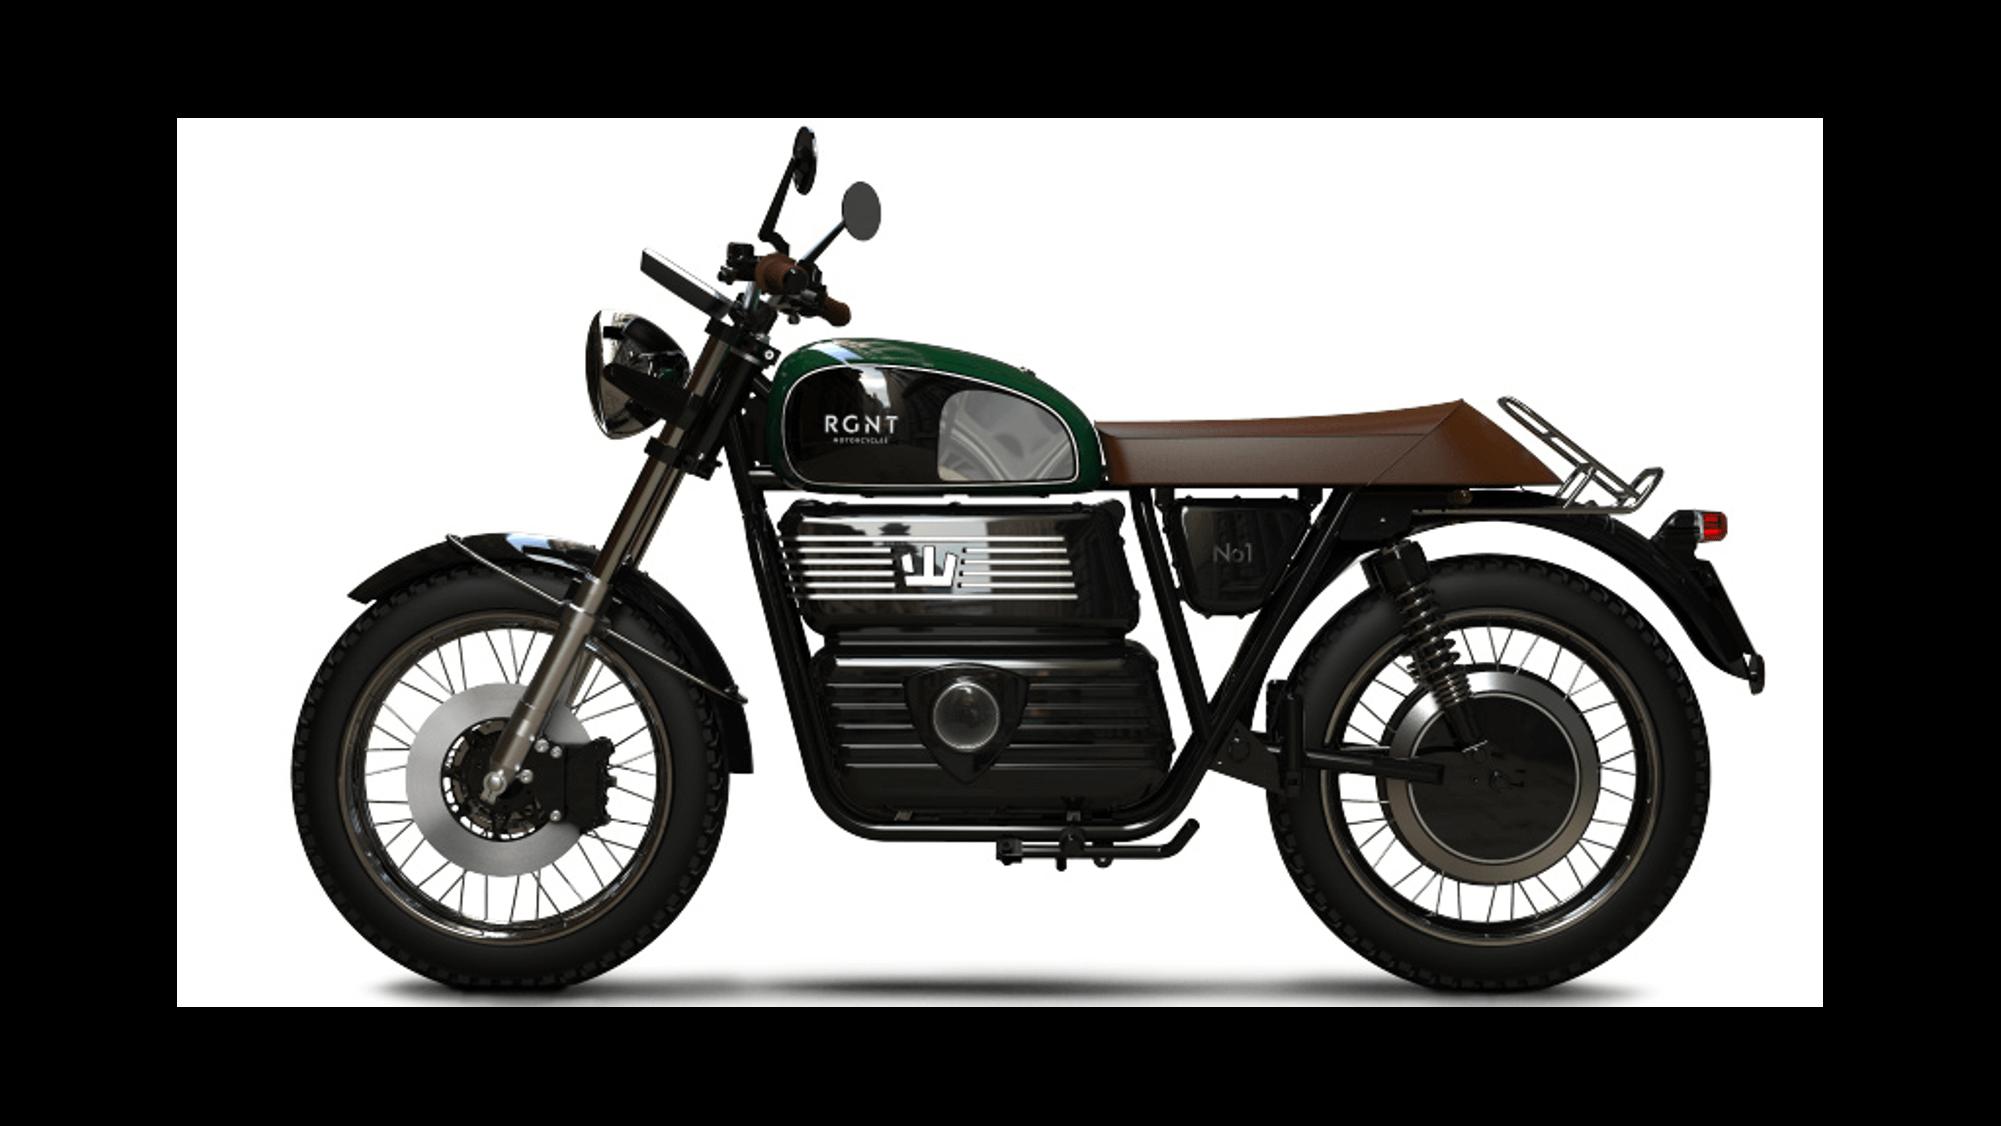 RGNT no 1 moto électrique 125